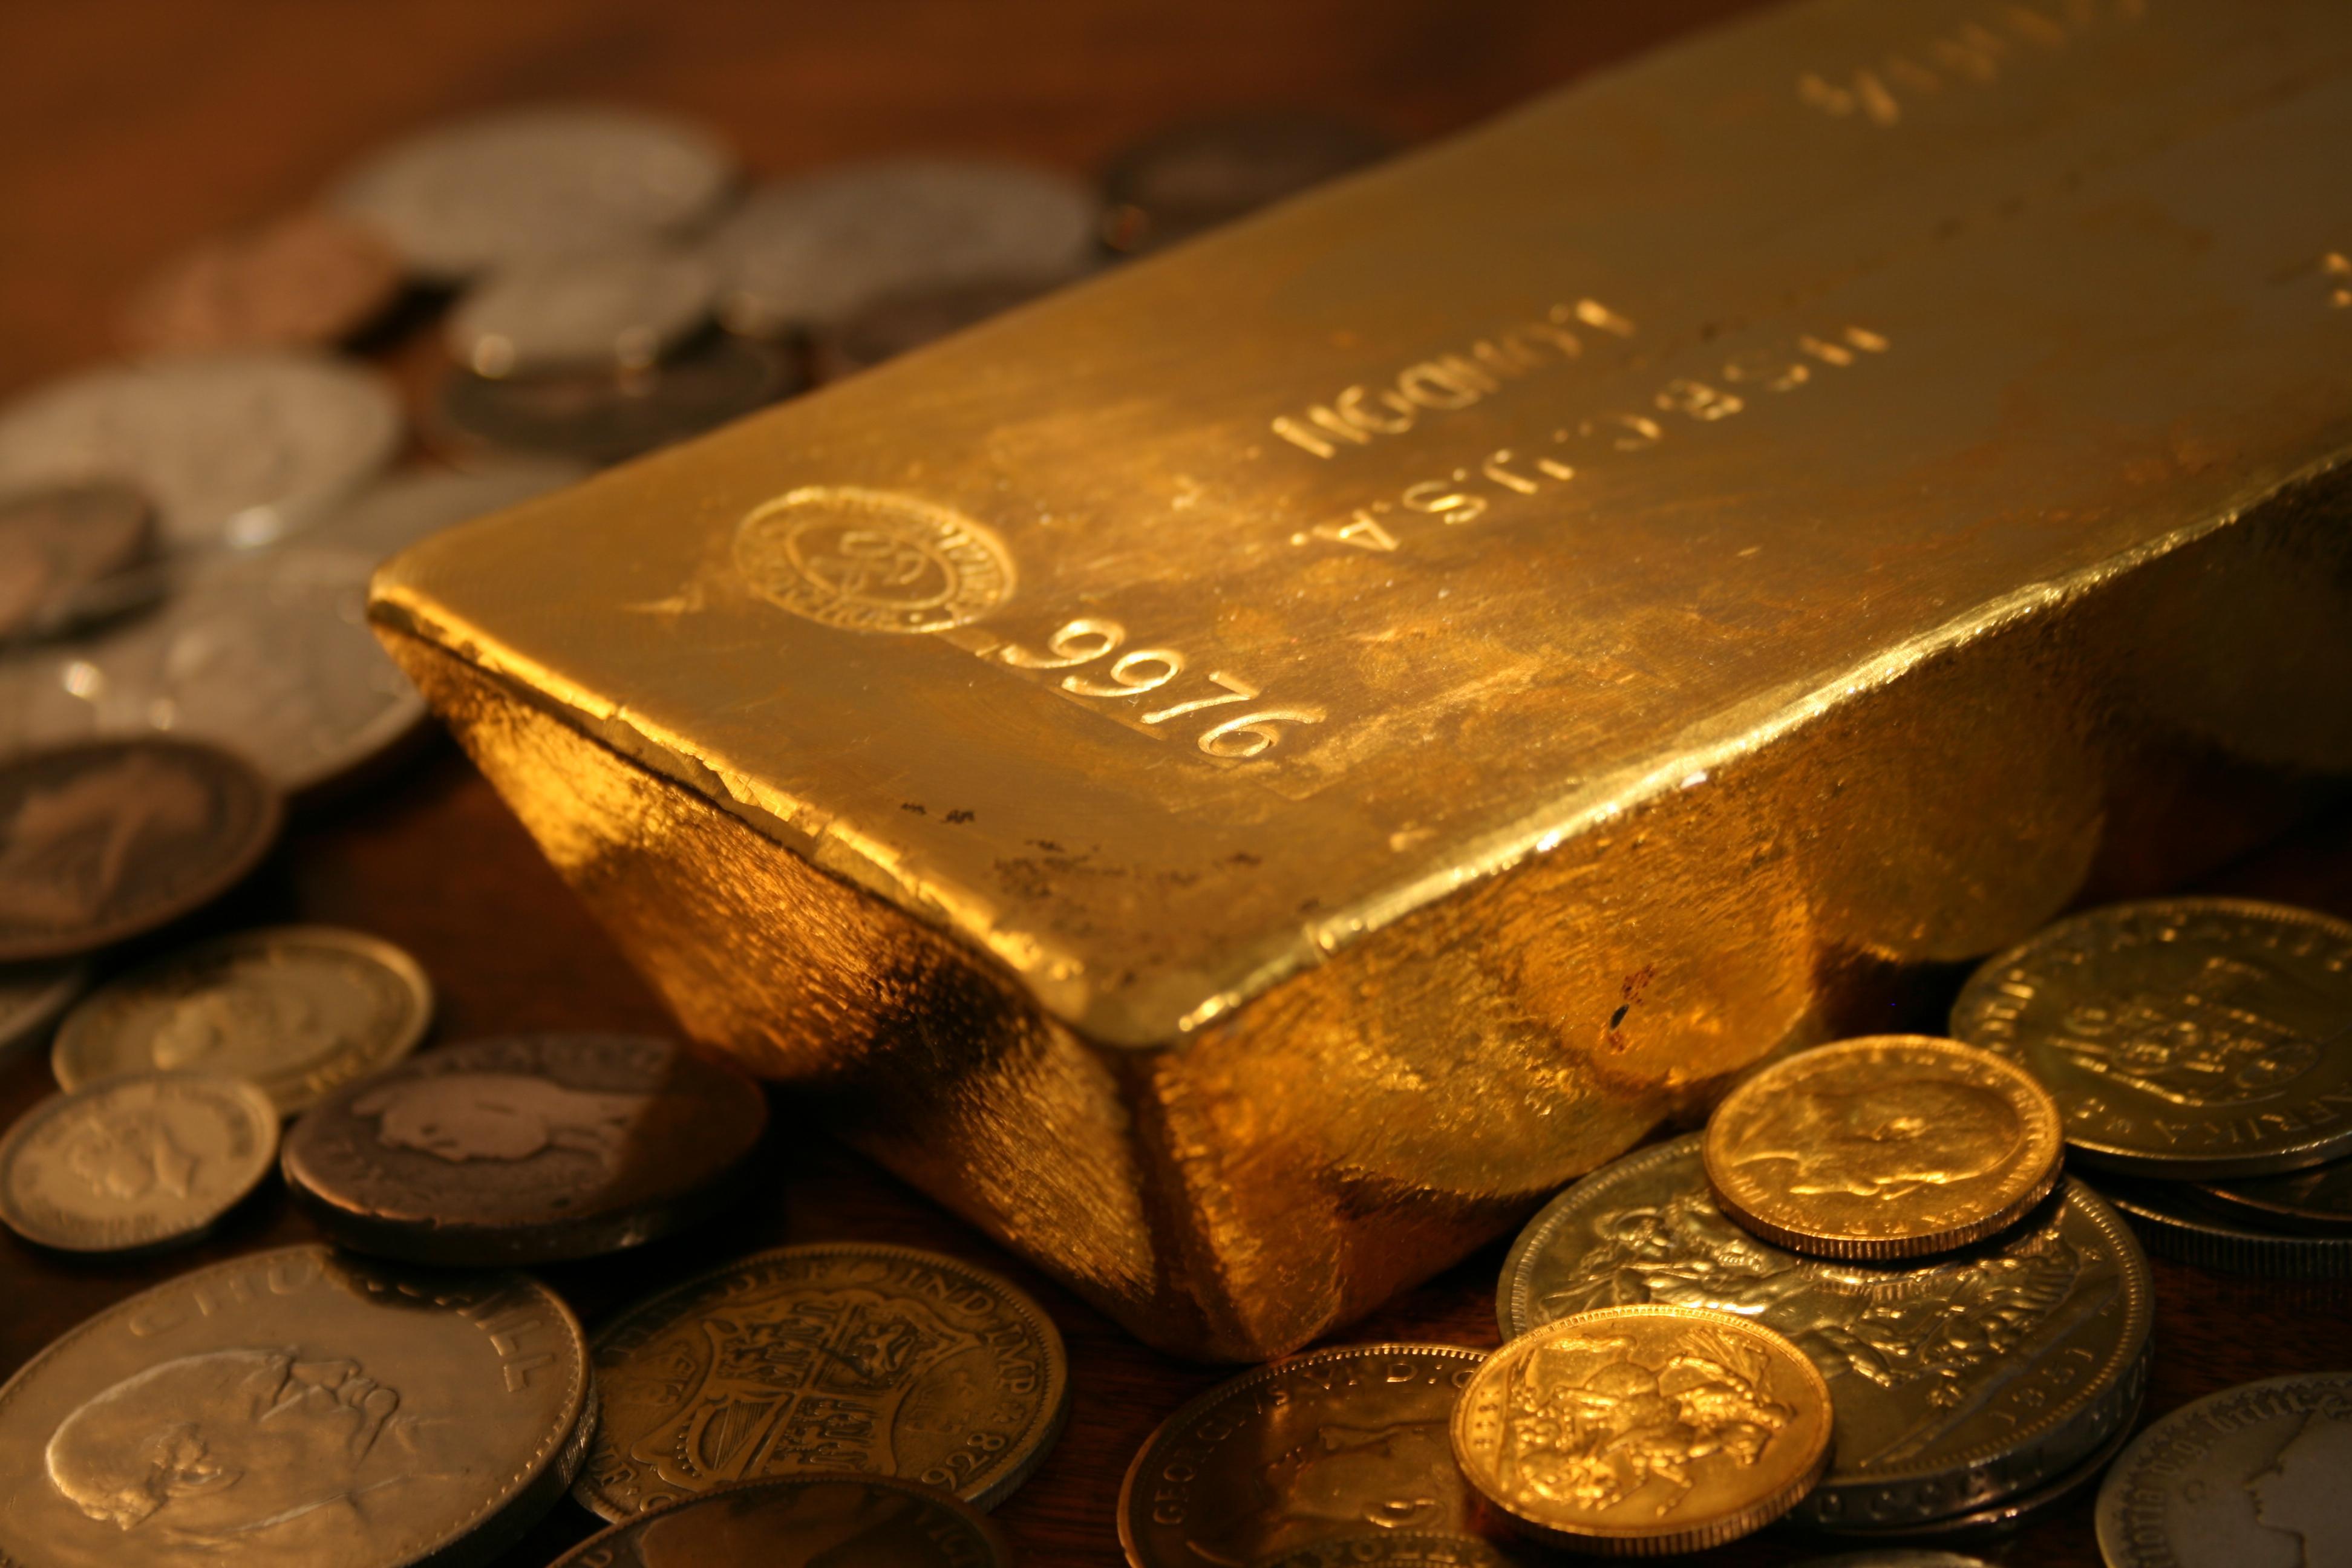 membeli emas untuk investasi masa depan CC